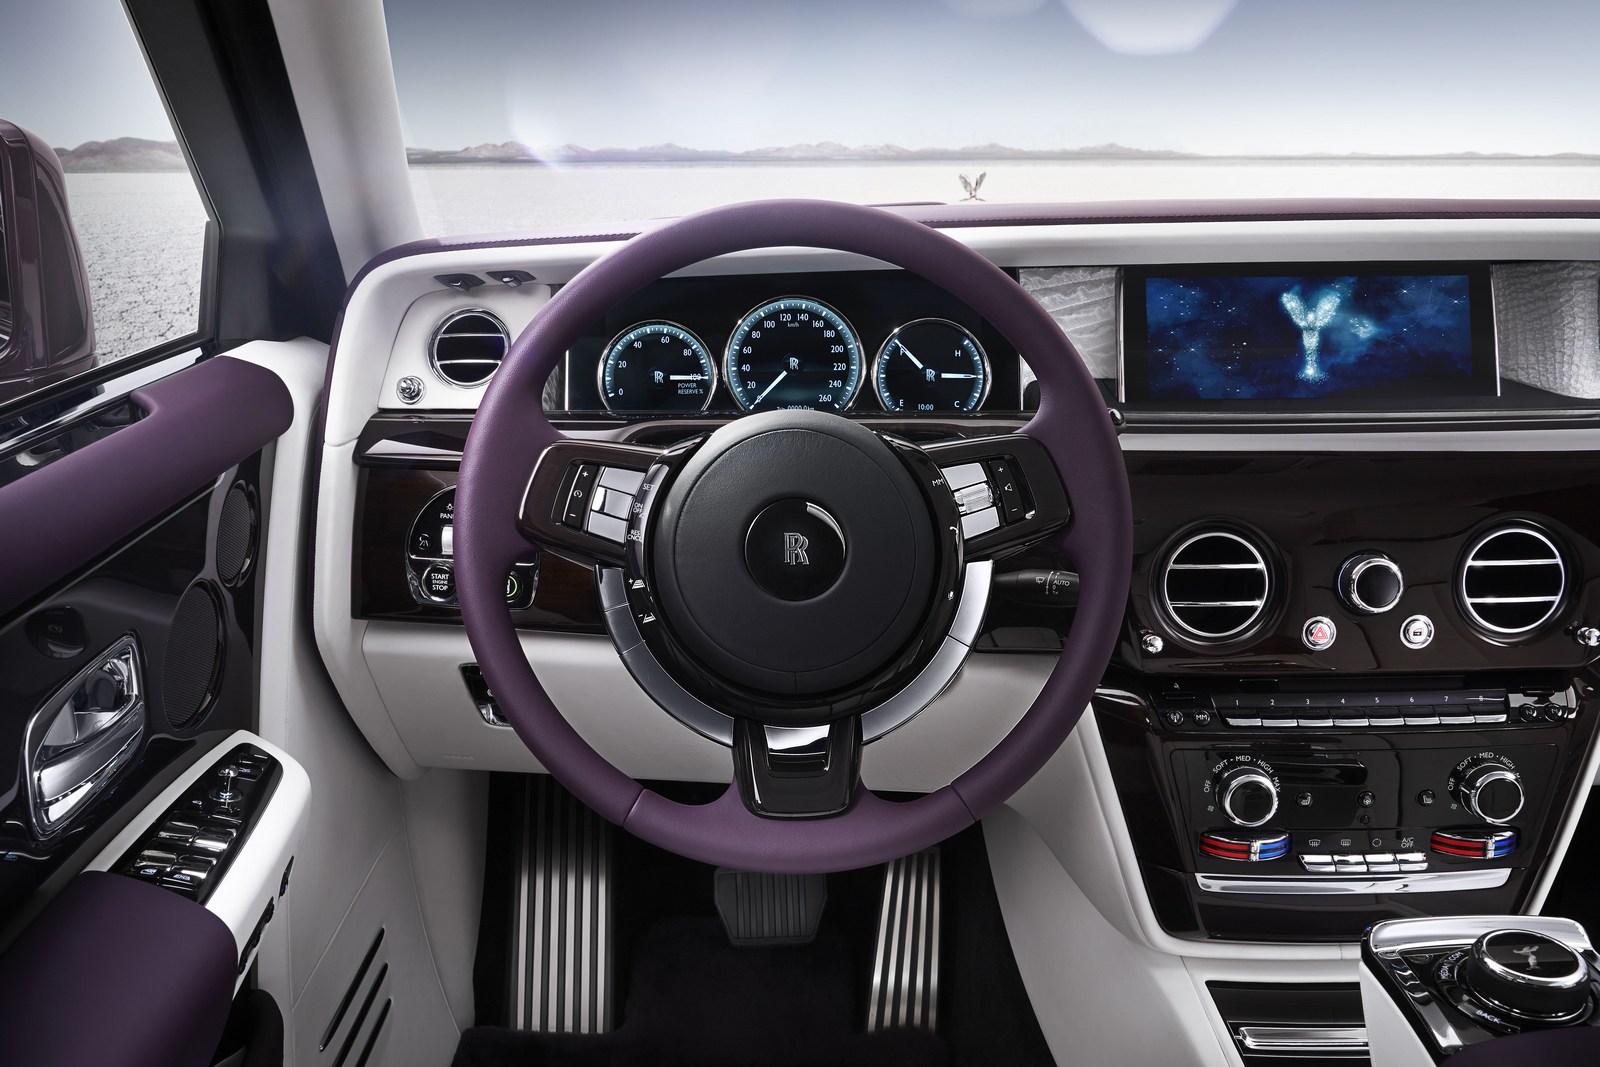 بالصور سيارة روز رايز , اجمل صور للسيارة روز رويس فانتوم لسنة 2019 2918 6